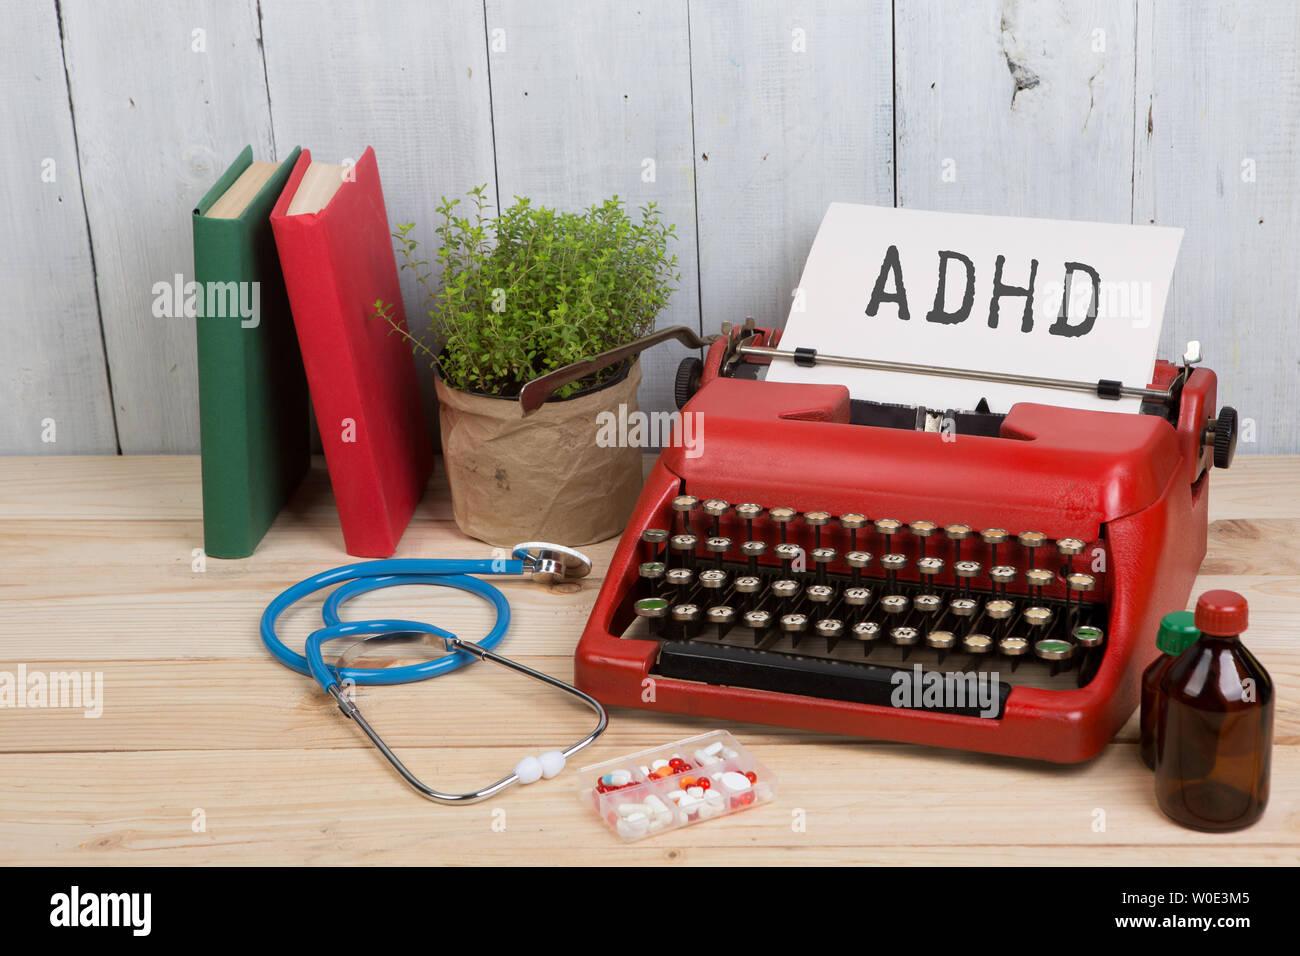 incontri con qualcuno con ADD ADHD